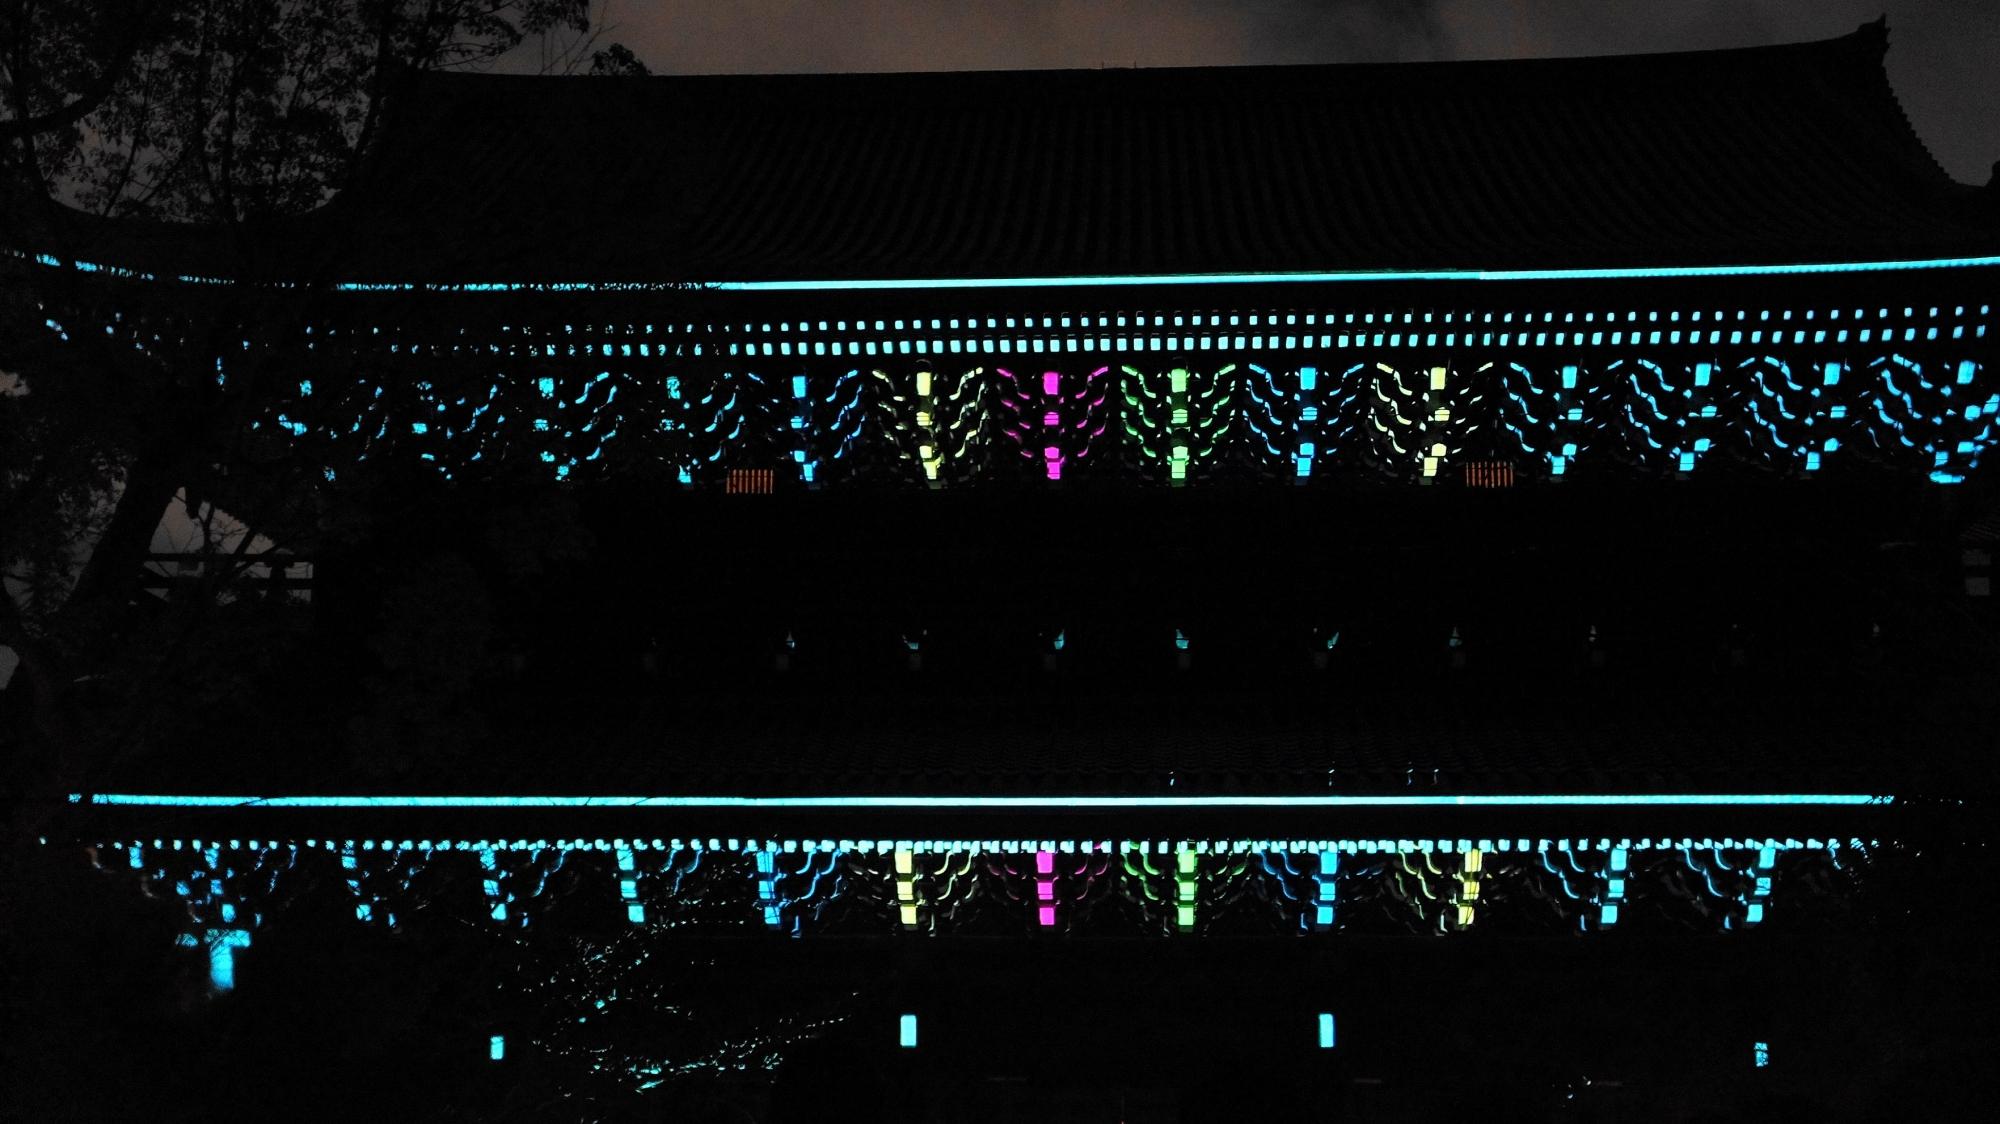 東山花灯路での優美な知恩院三門のプロジェクションマッピング「幻想の灯り」